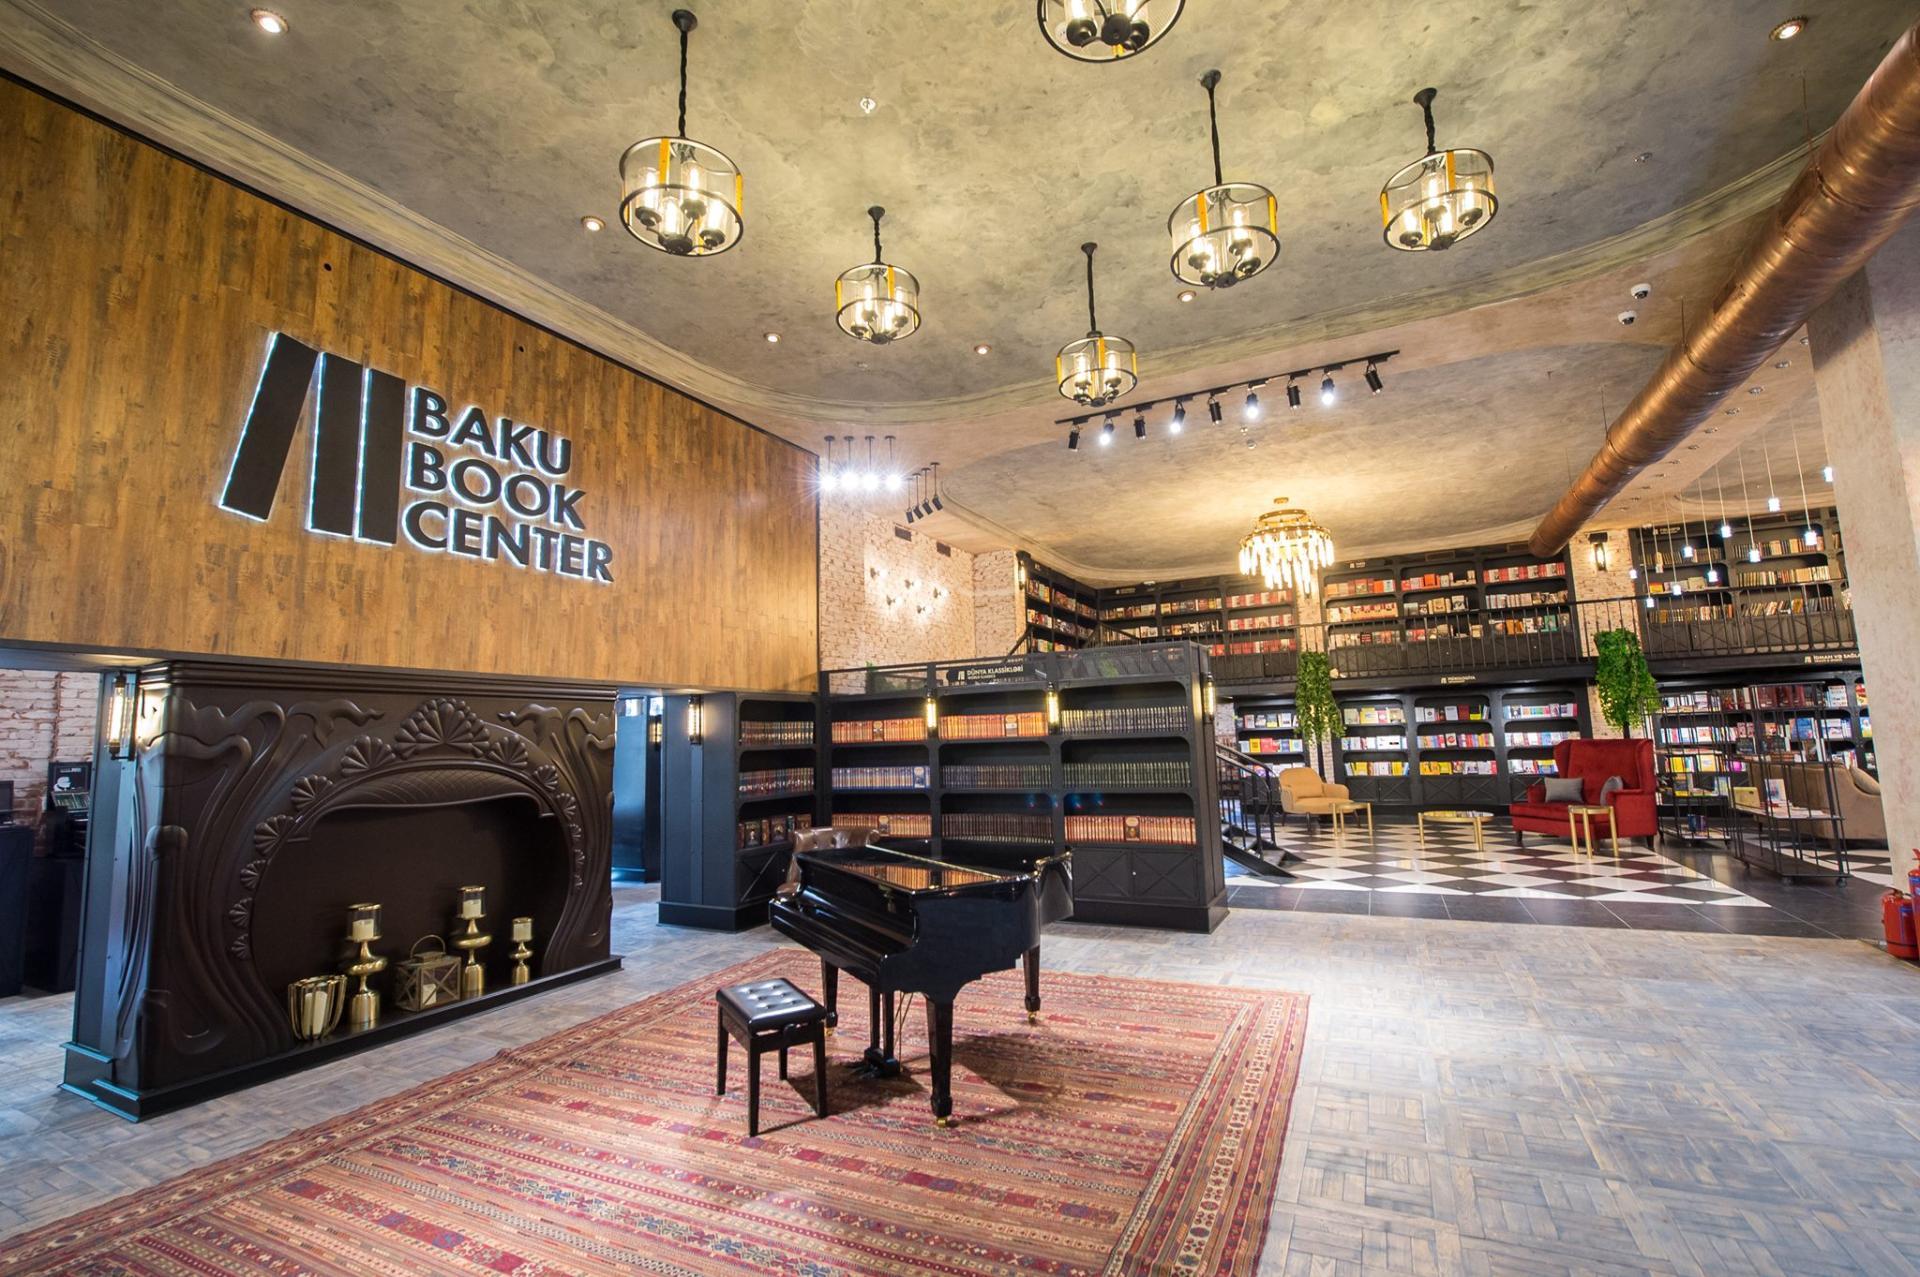 Названы самые продаваемые книги в Азербайджане - Baku Book Center